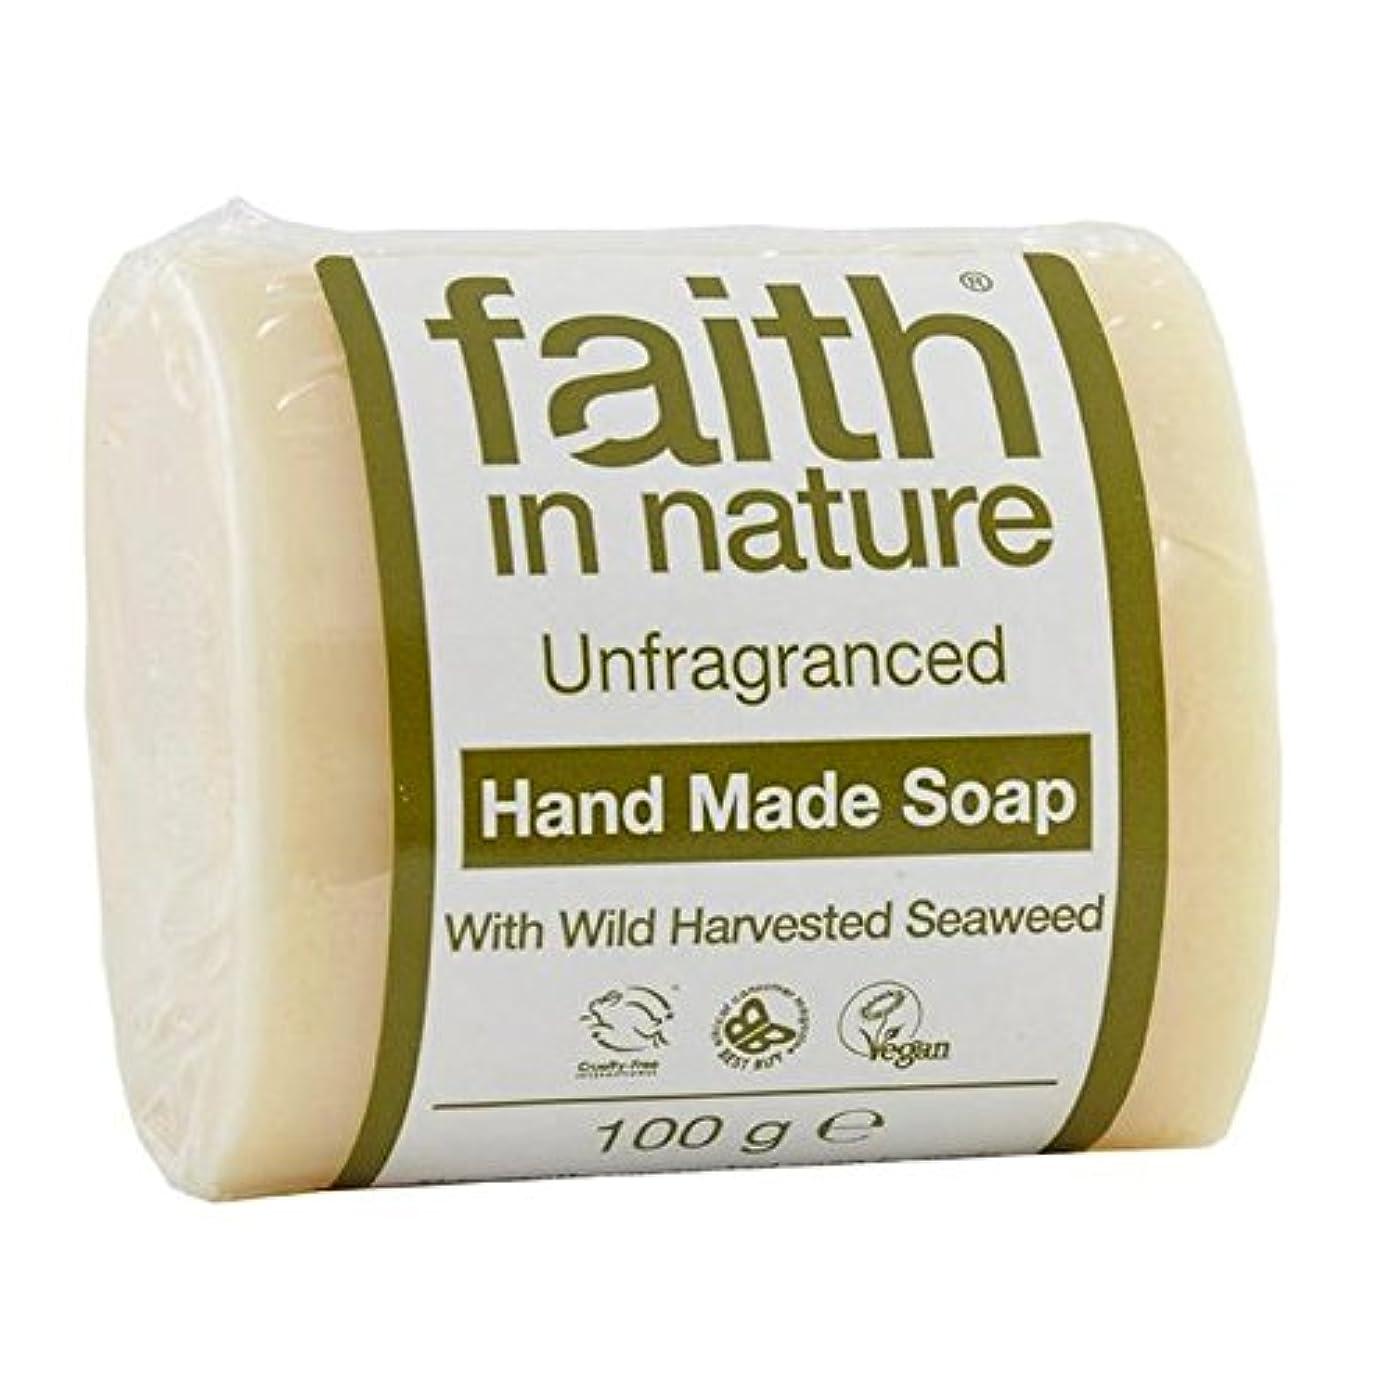 忘れるストレスターゲットFaith in Nature Unfragranced Pure Hand Made Soap 100g (Pack of 4) - (Faith In Nature) 自然の中で信仰は純粋な手作り石鹸100グラムを無香料...